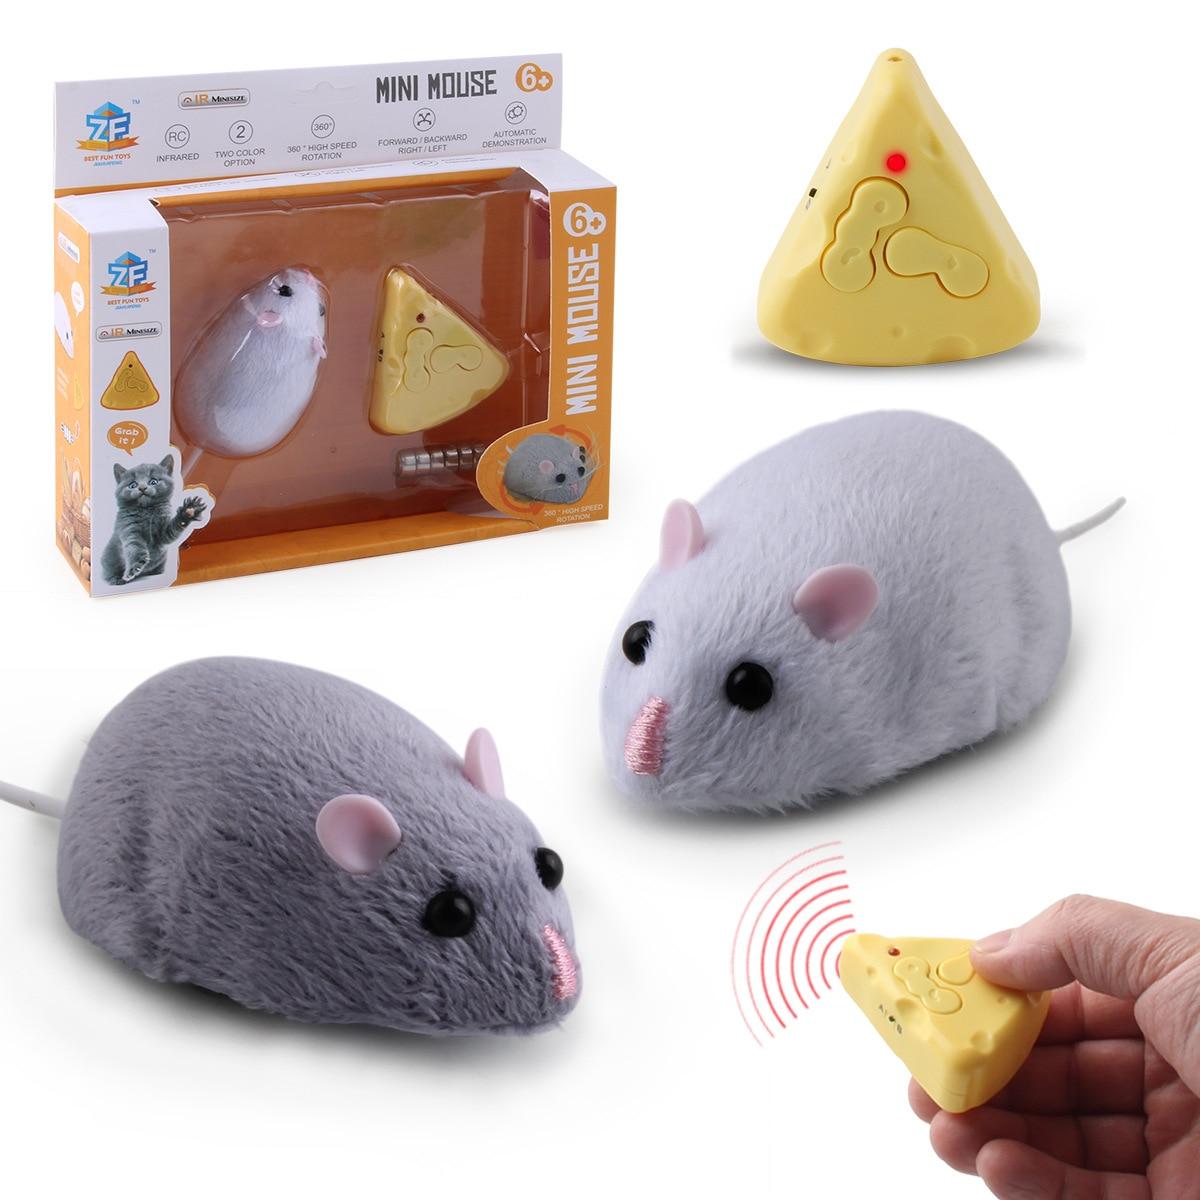 Горячая Распродажа, беспроводная мышь с дистанционным управлением, пушистая электронная мышь, игрушки для эмуляции крысы для кошек, собак, ...